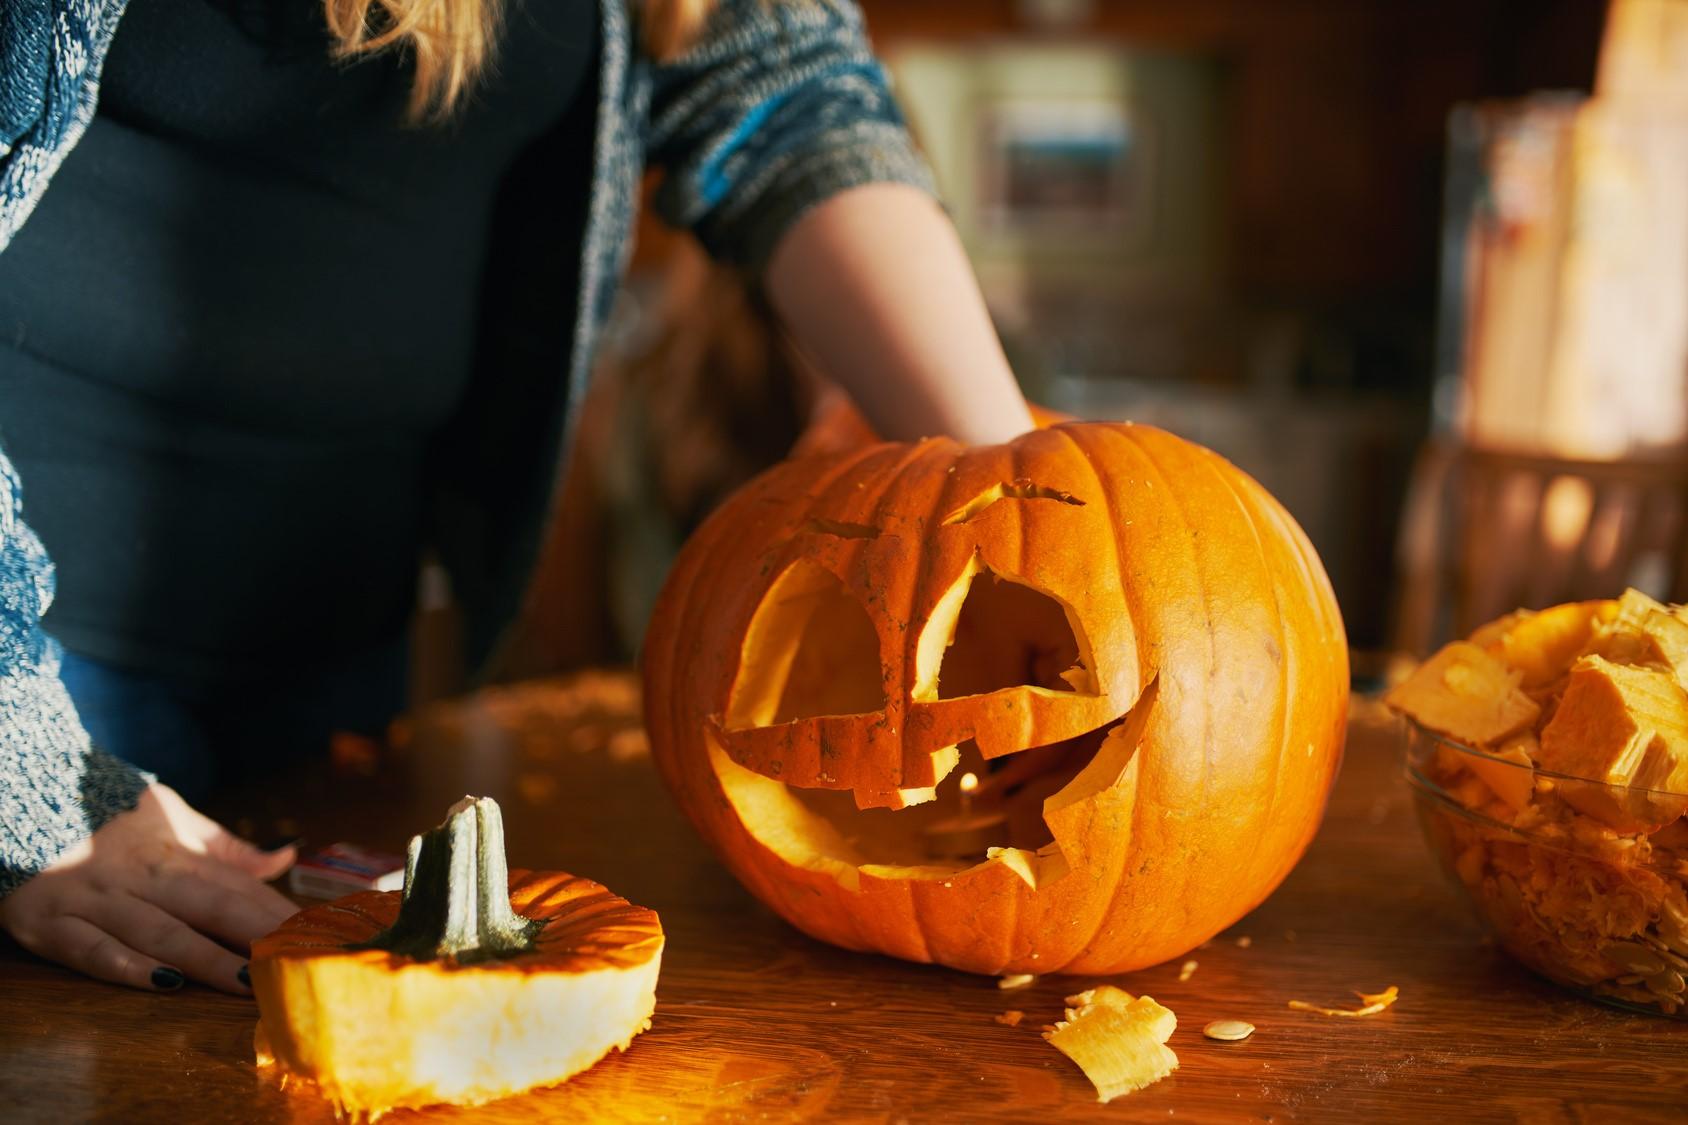 Il existe une autre tradition irlandaise d'Halloween que vous pouvez observer: le jack-o'-lantern.